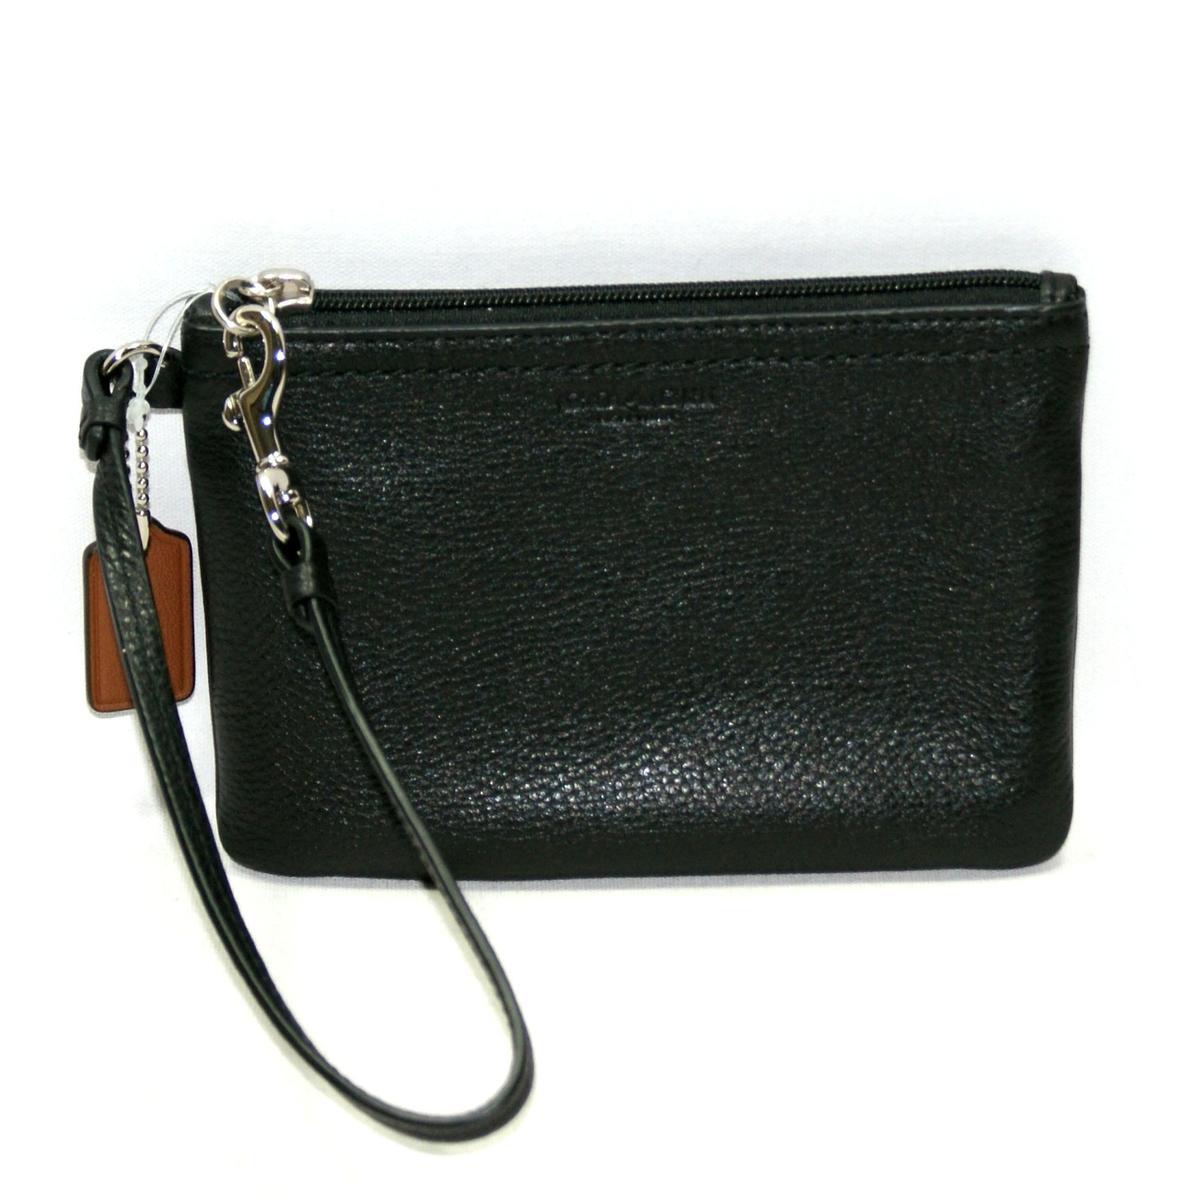 Coach Park Leather Small Wristlet Black 51763 Coach 51763